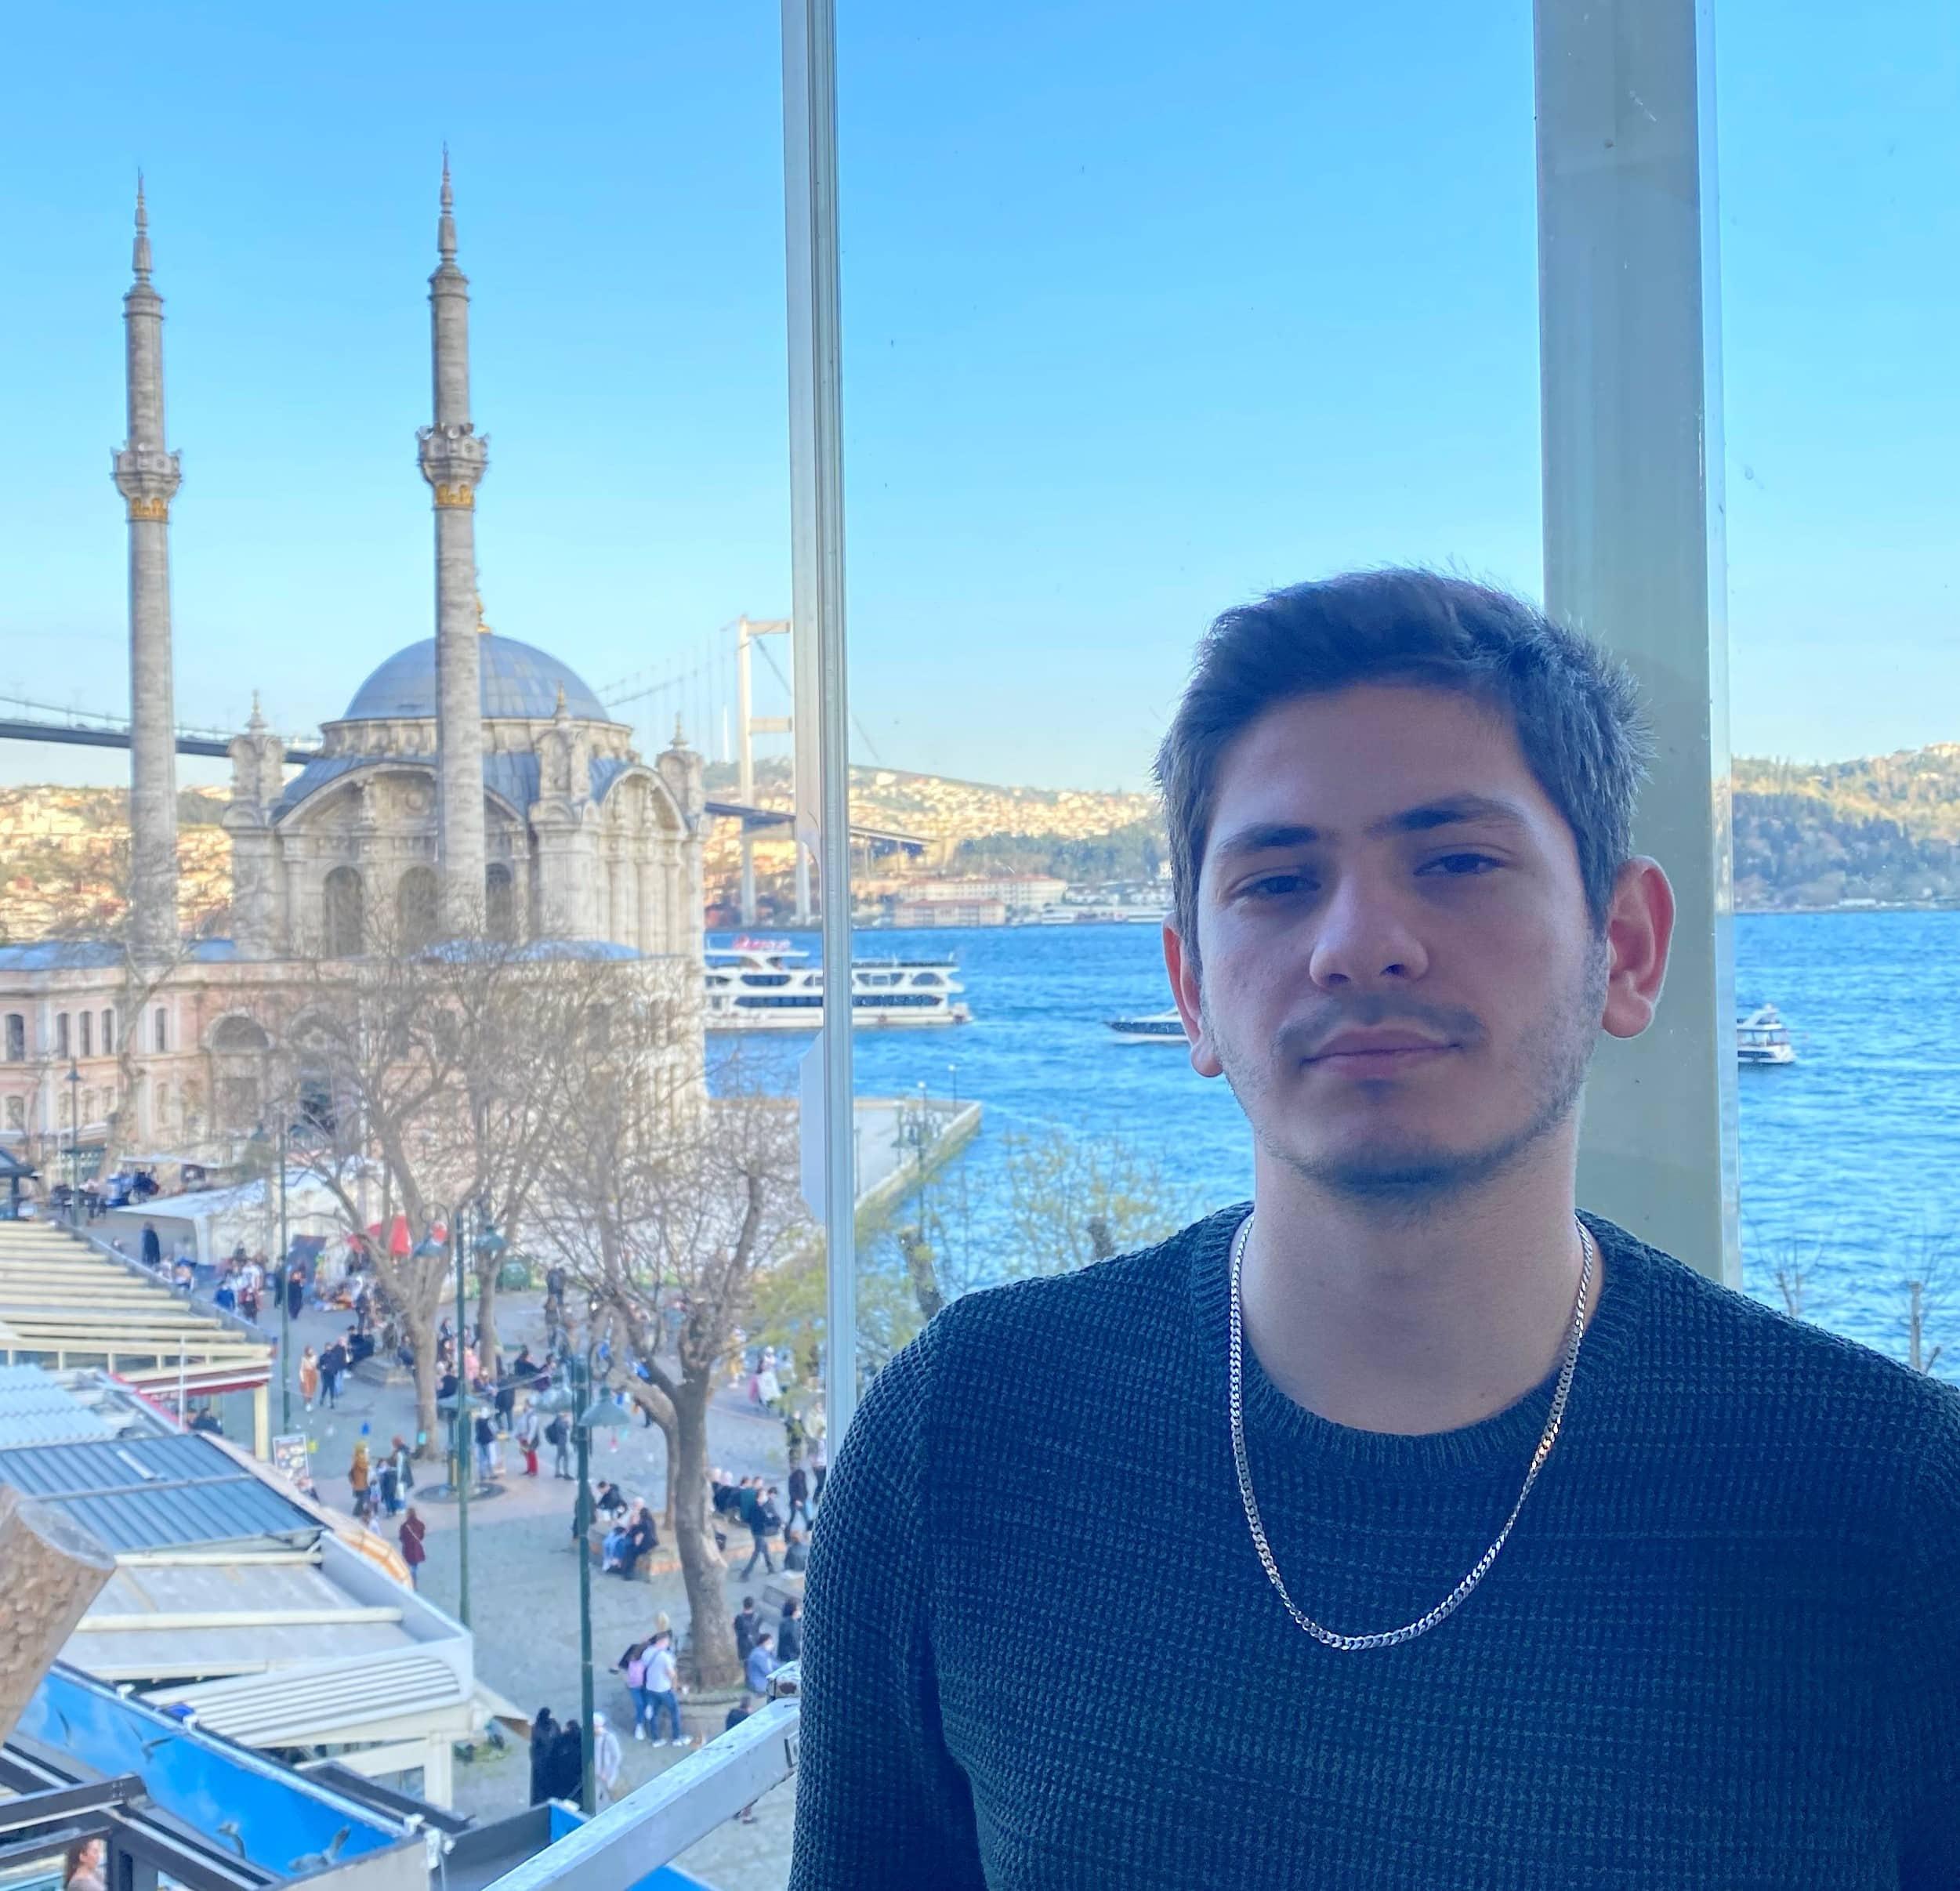 Mehmet Atakan Kalyoncuoğlu